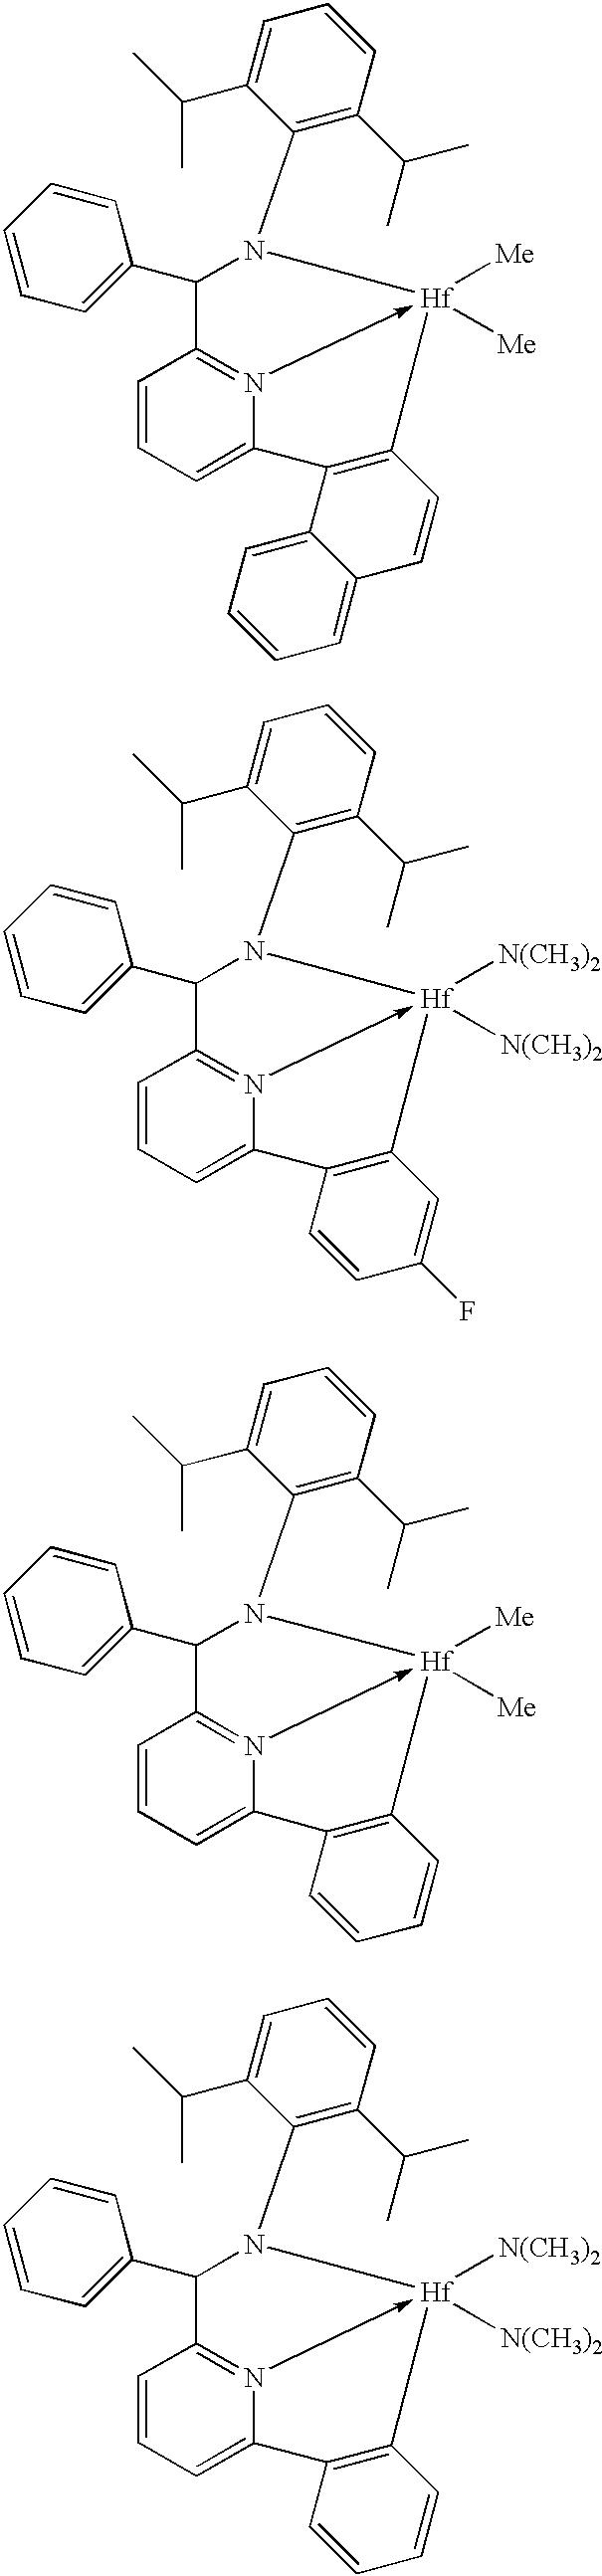 Figure US20030195300A1-20031016-C00023